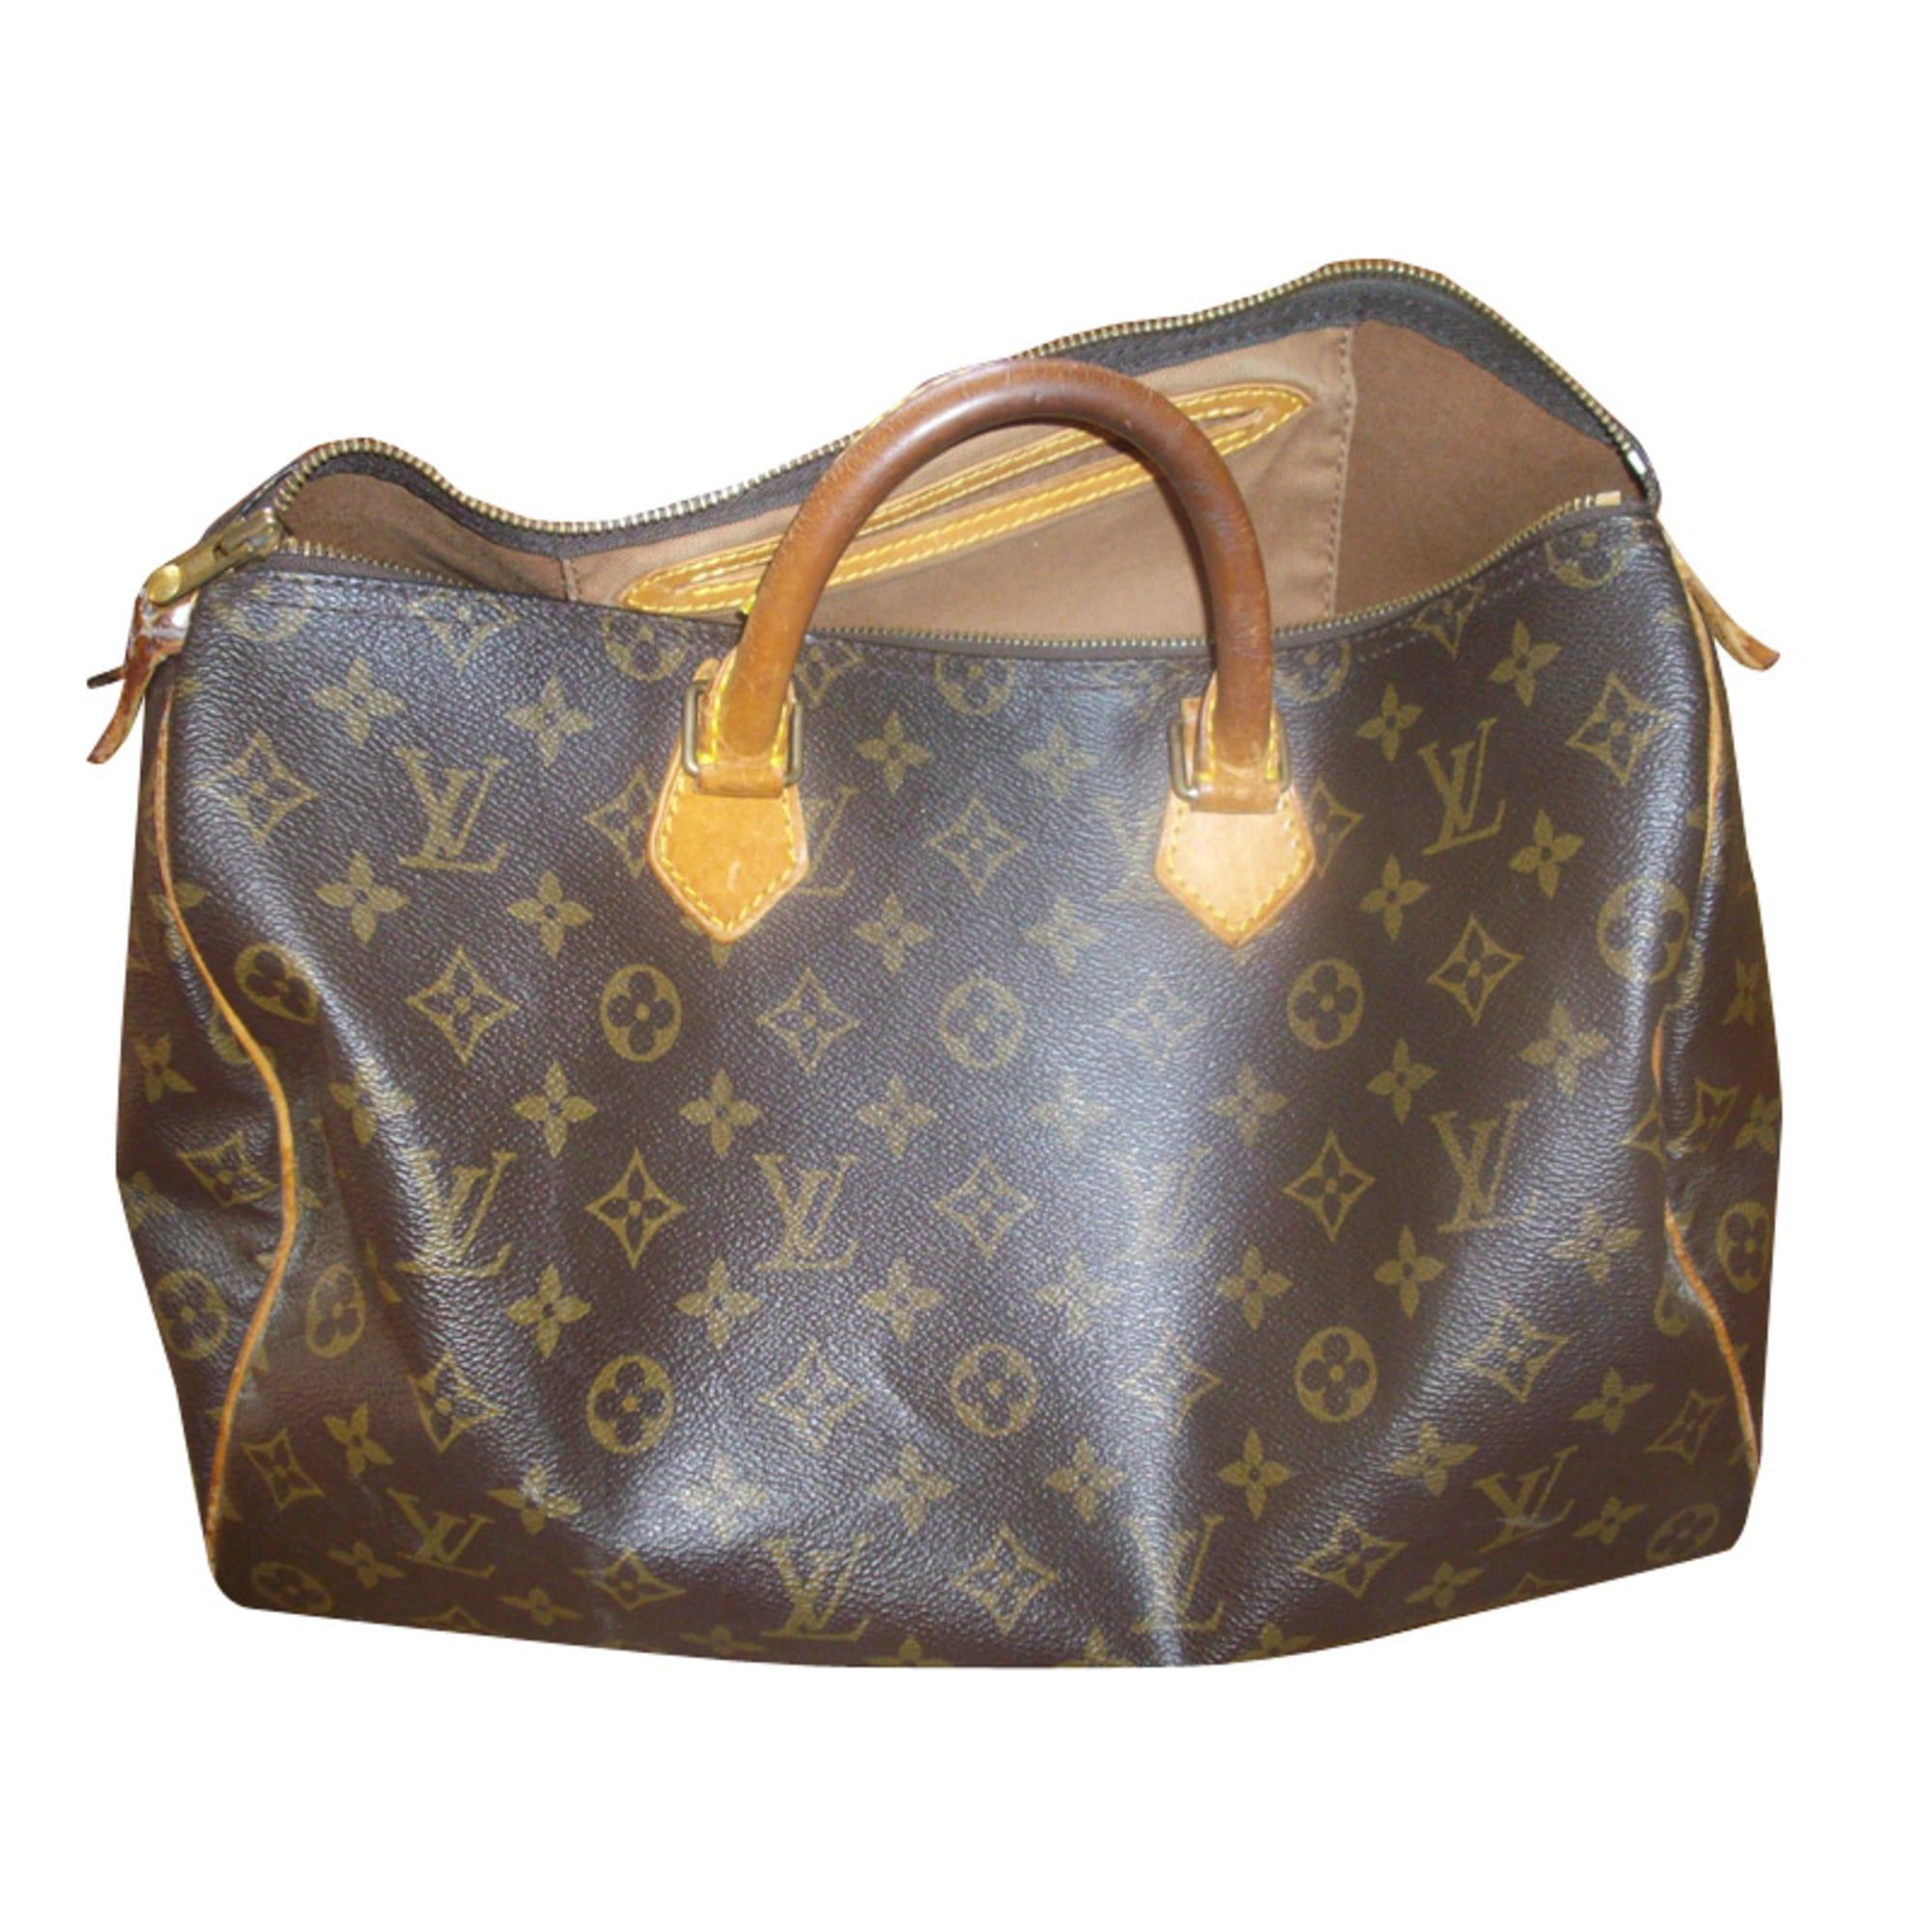 173d6d87526b Sac à main en cuir LOUIS VUITTON marron vendu par Axelle 317779 - 730206